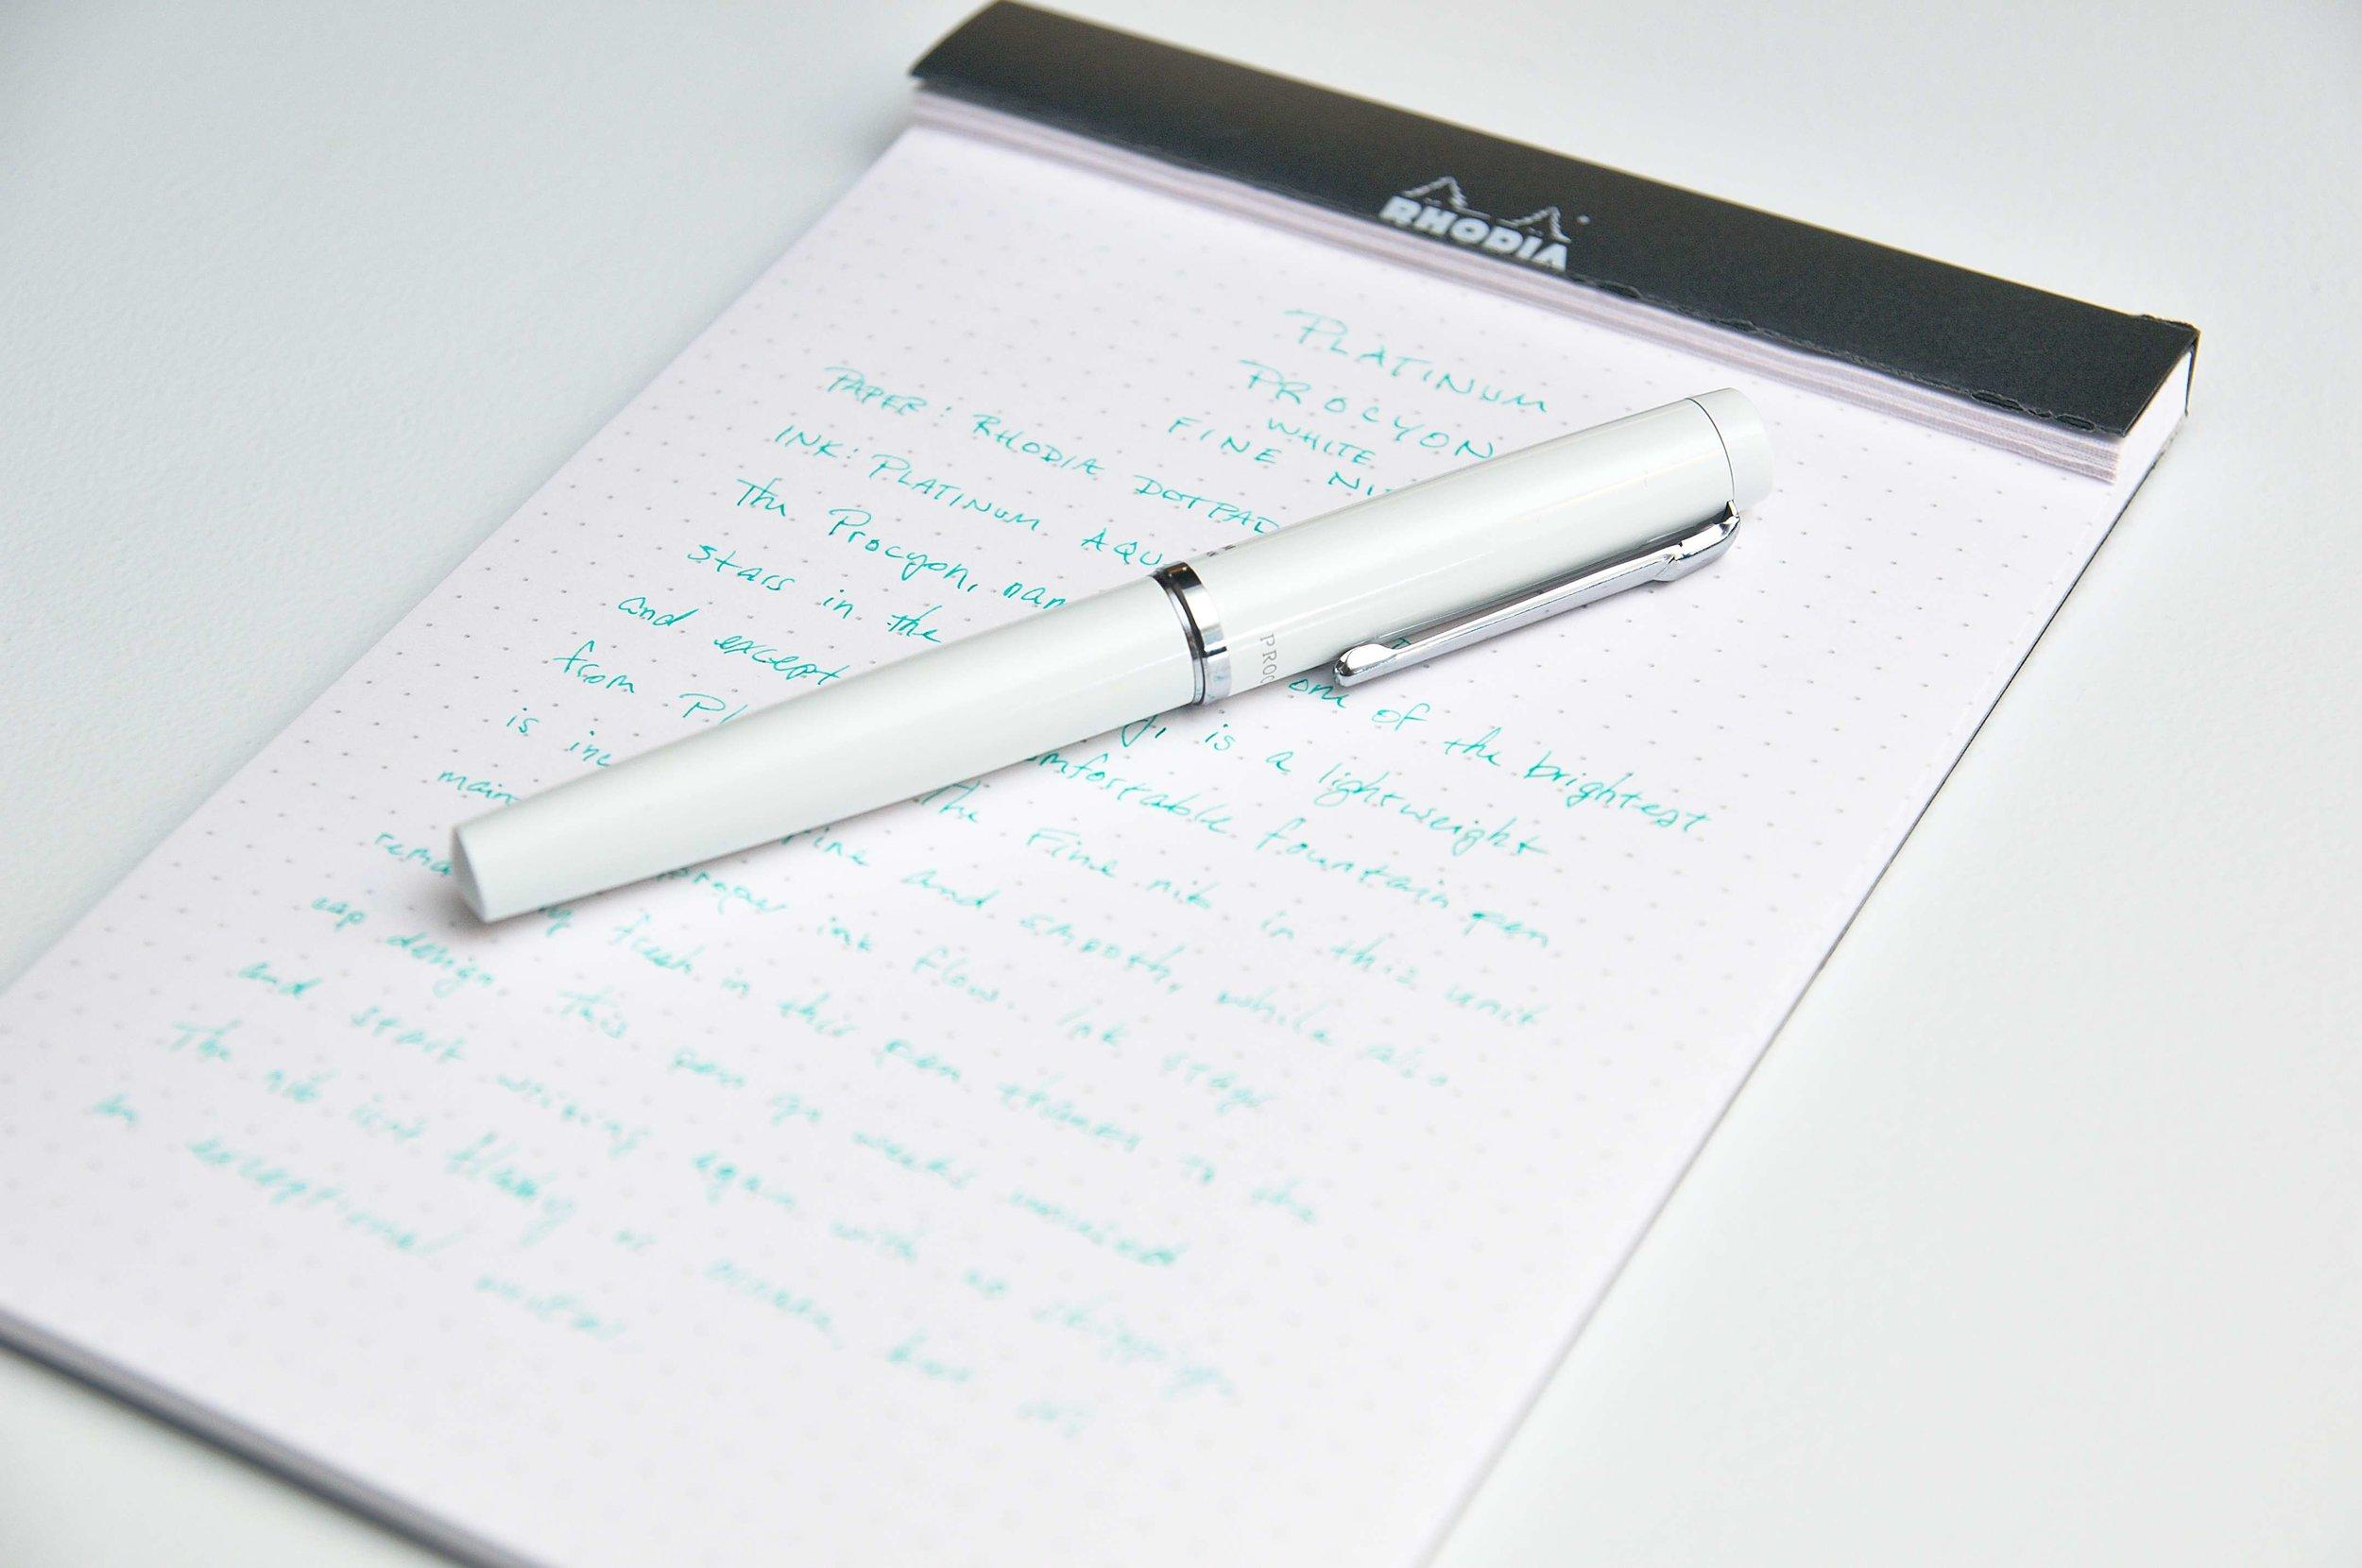 Platinum Procyon Fountain Pen Review